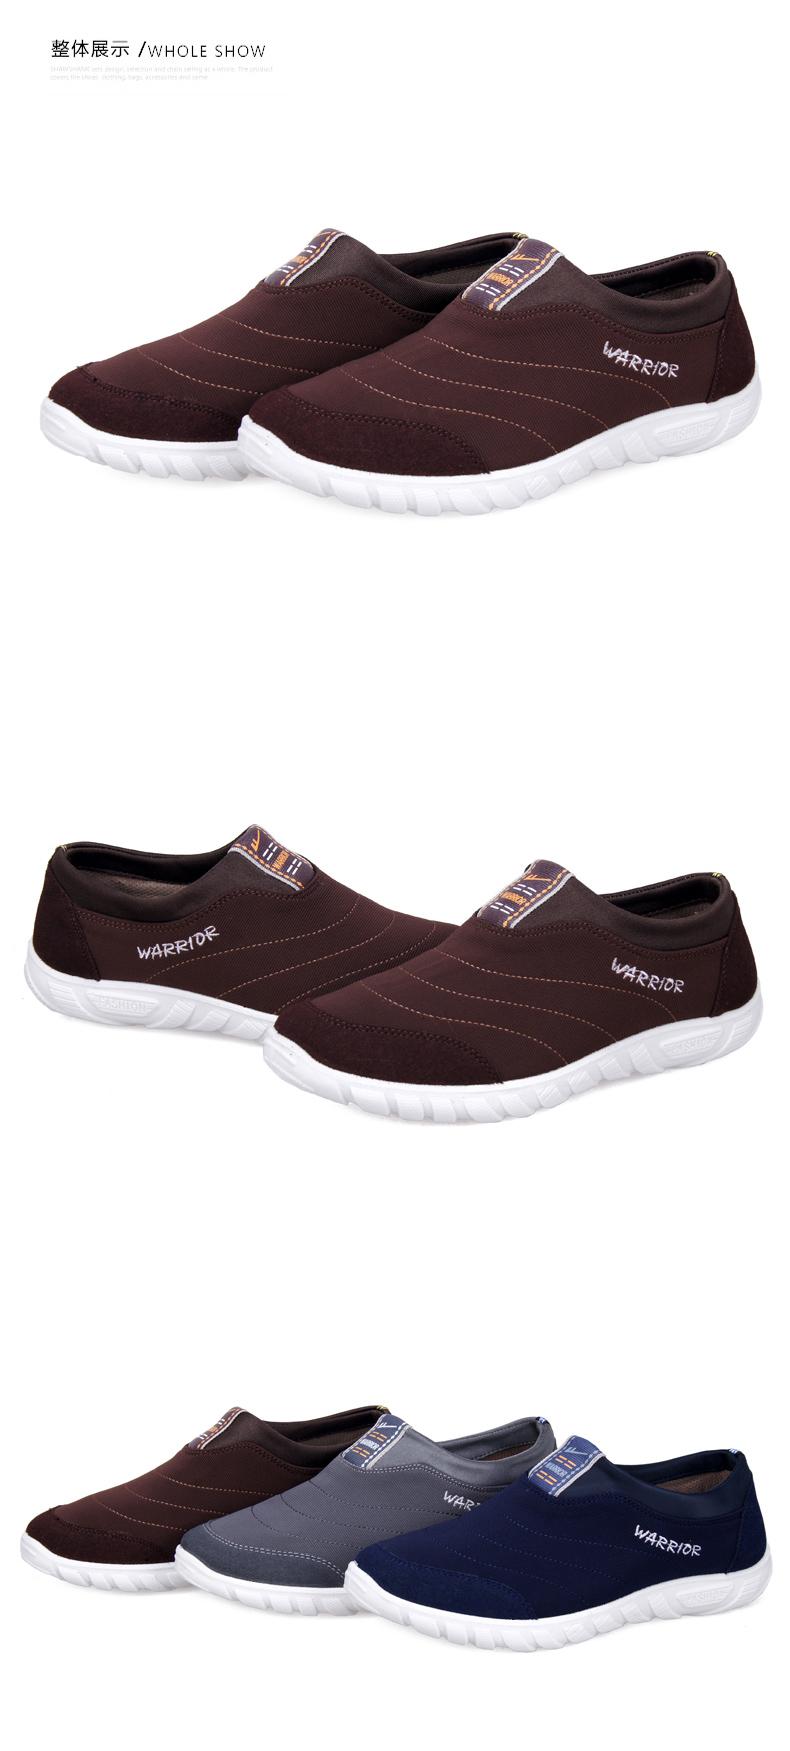 回力男鞋帆布鞋子一脚蹬懒人鞋男士潮流韩版布鞋透气鞋图片二十七